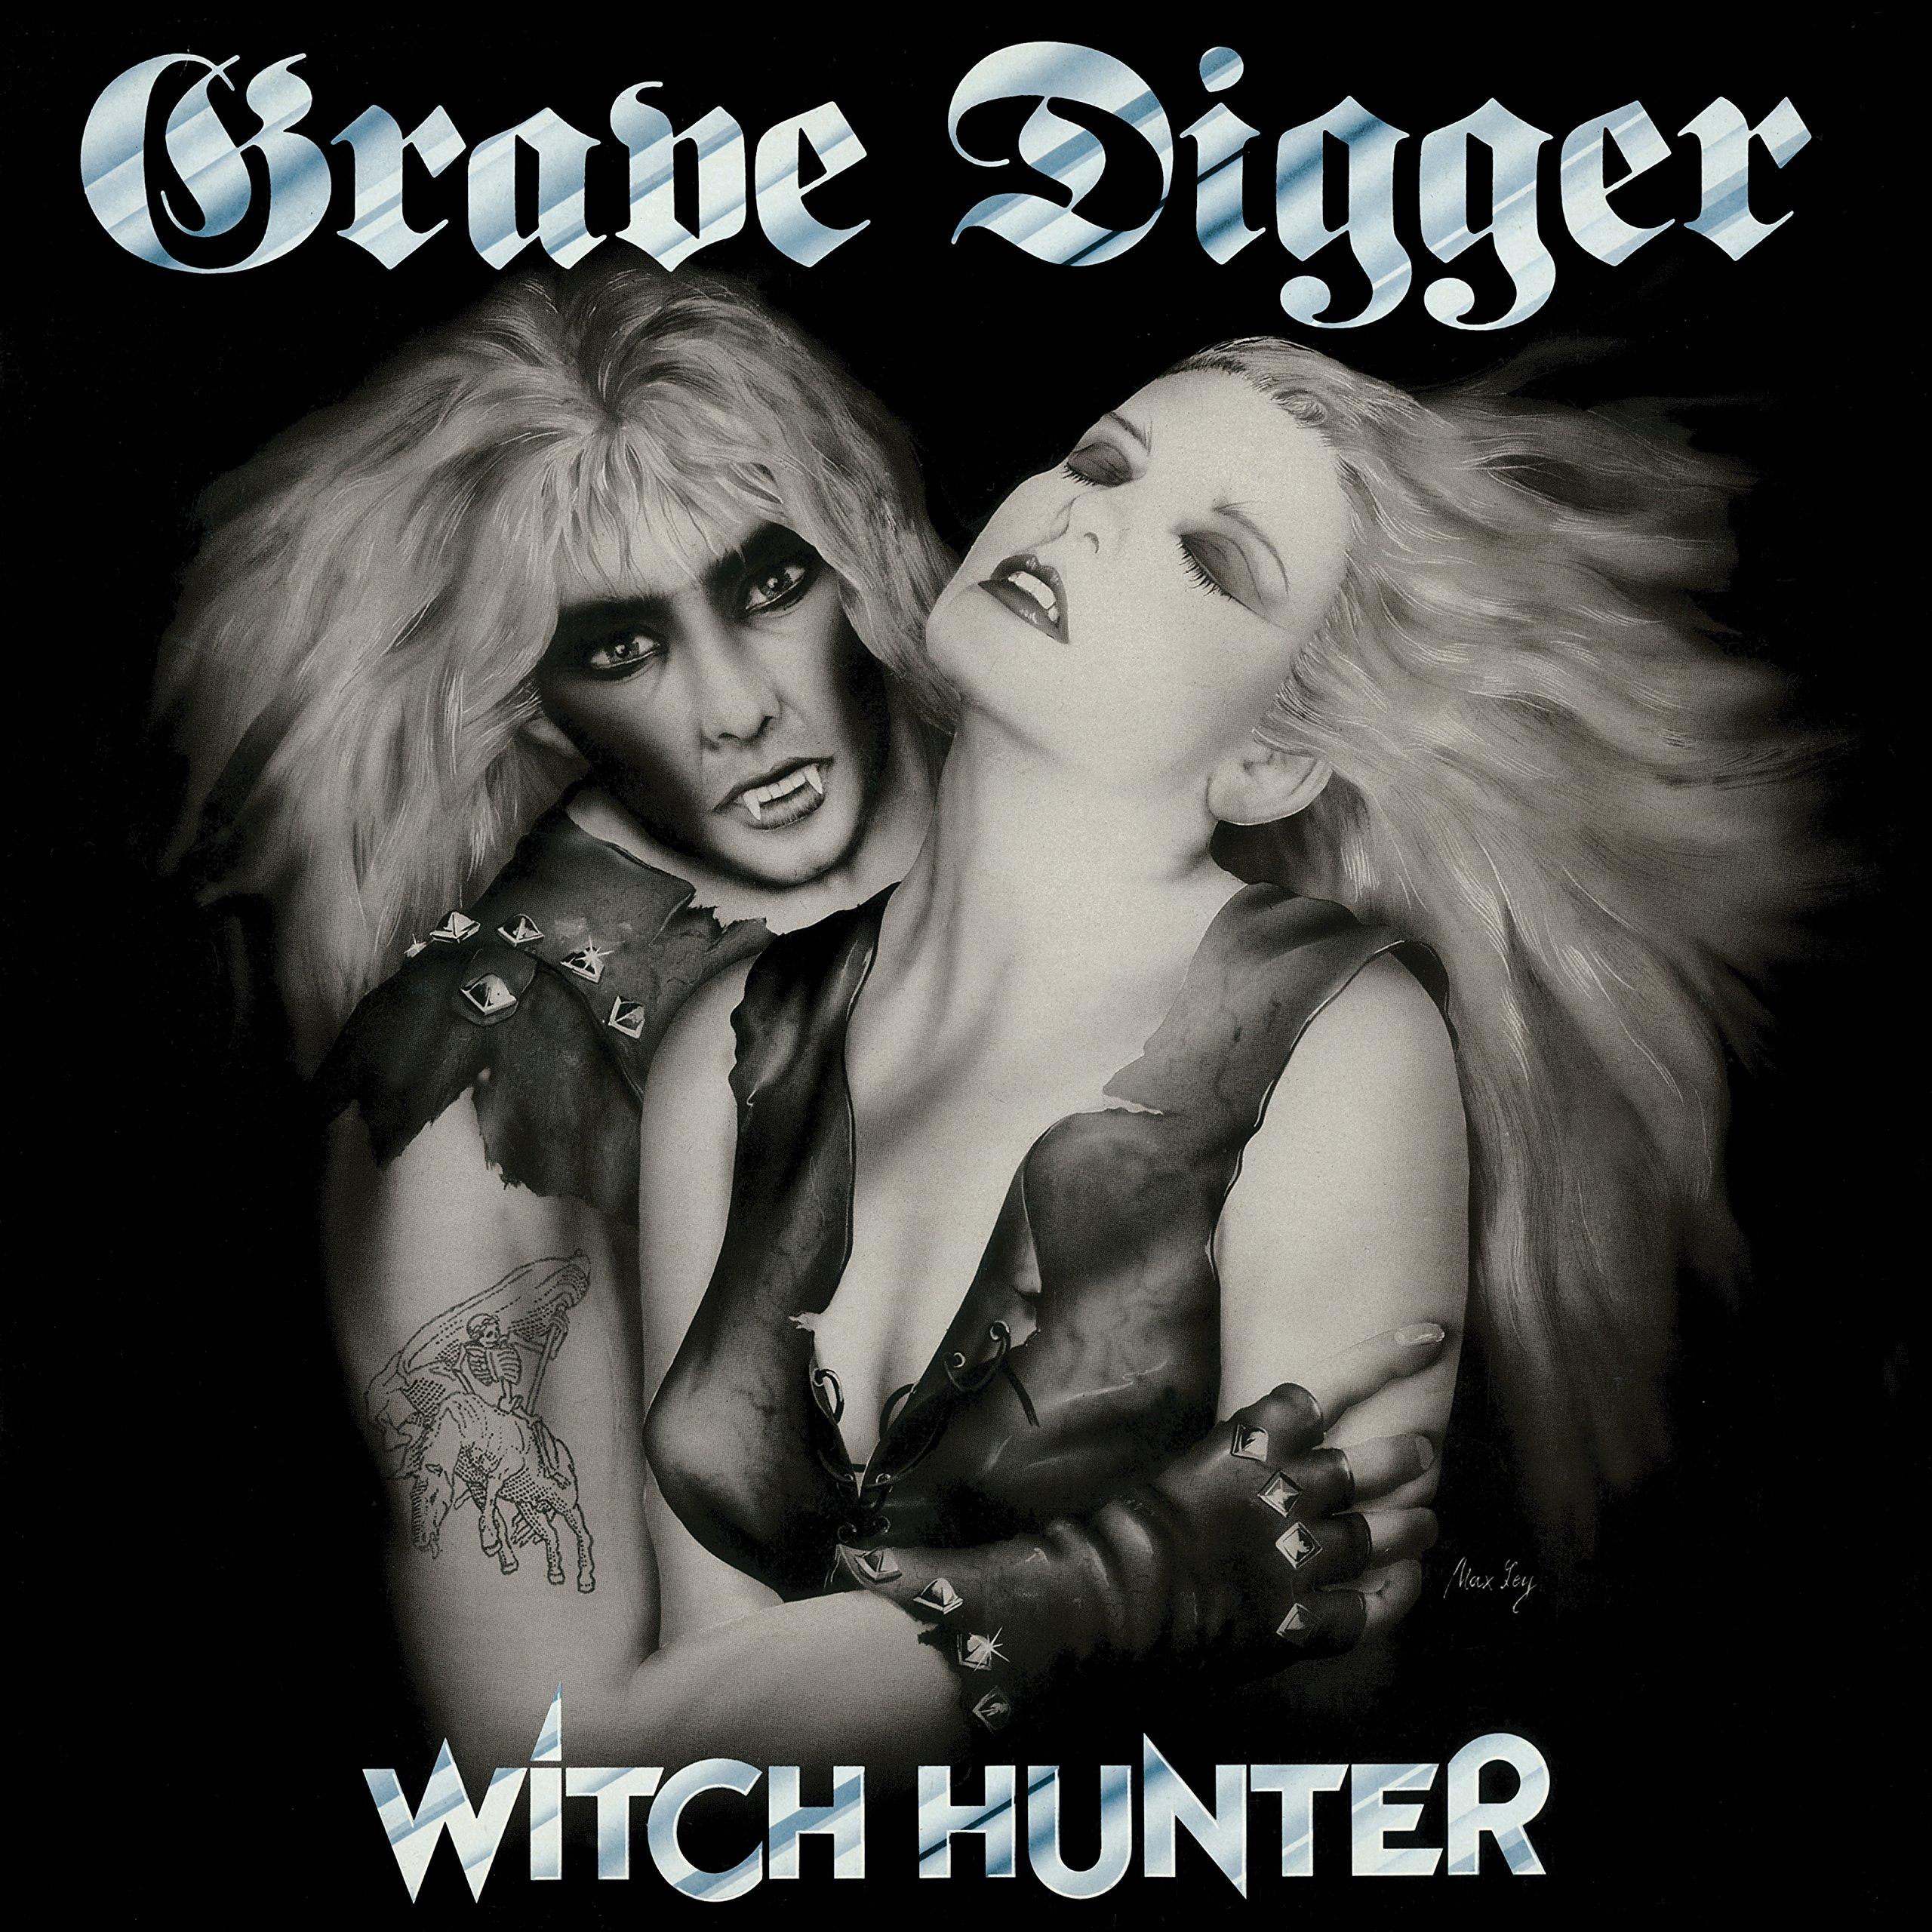 Vinilo : Grave Digger - Witch Hunter (LP Vinyl)